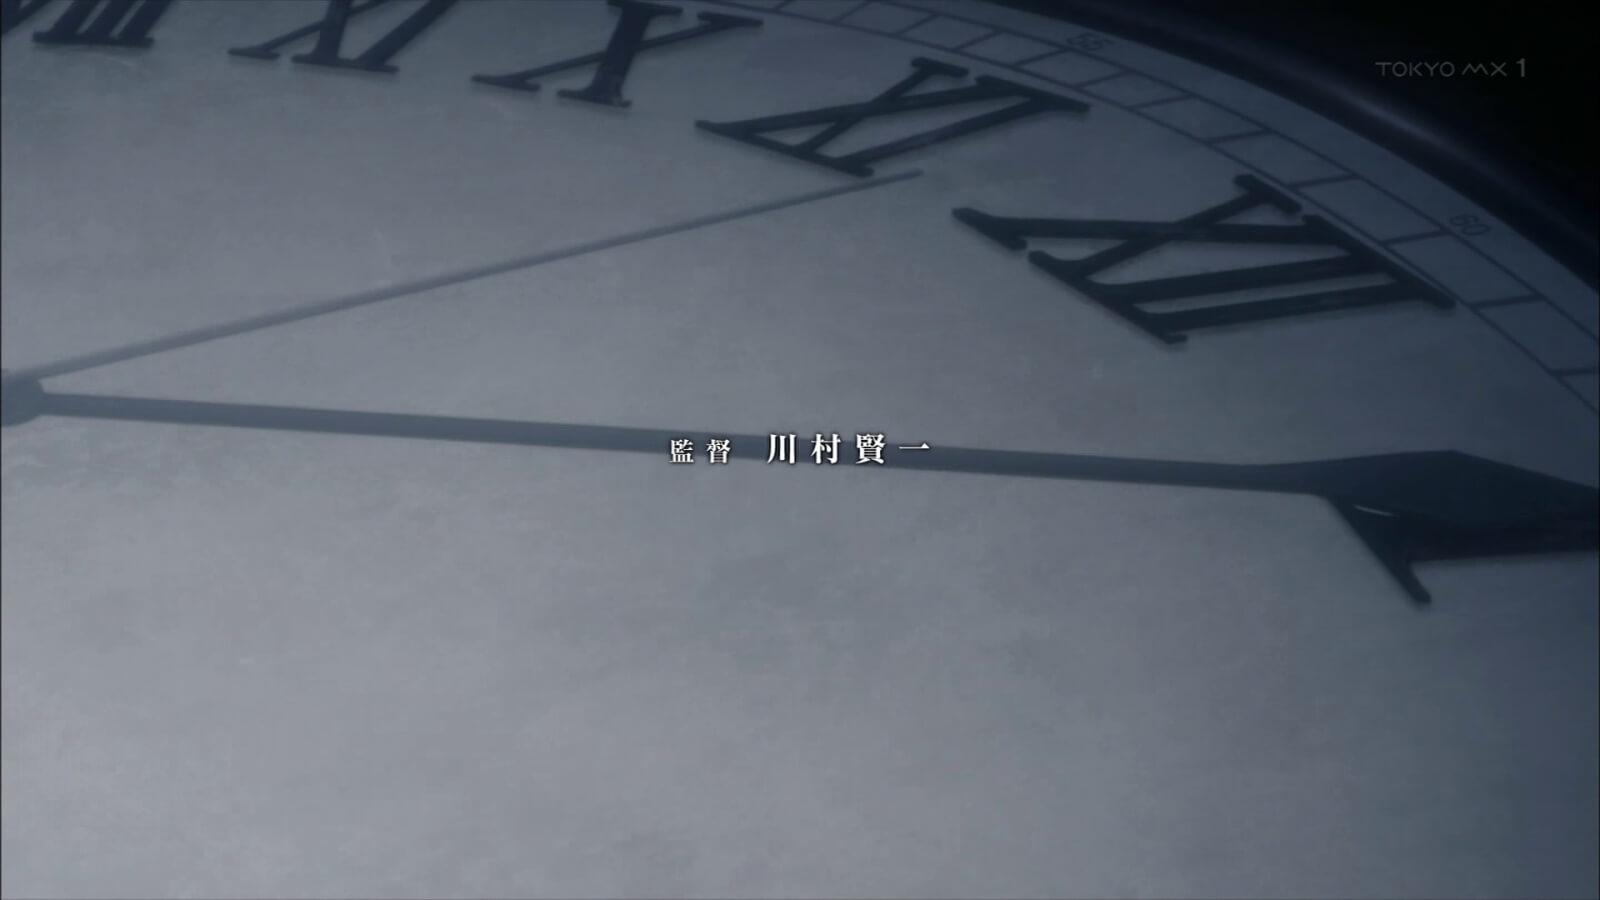 シュタインズ・ゲート ゼロ 20話「盟誓のリナシメント」 感想